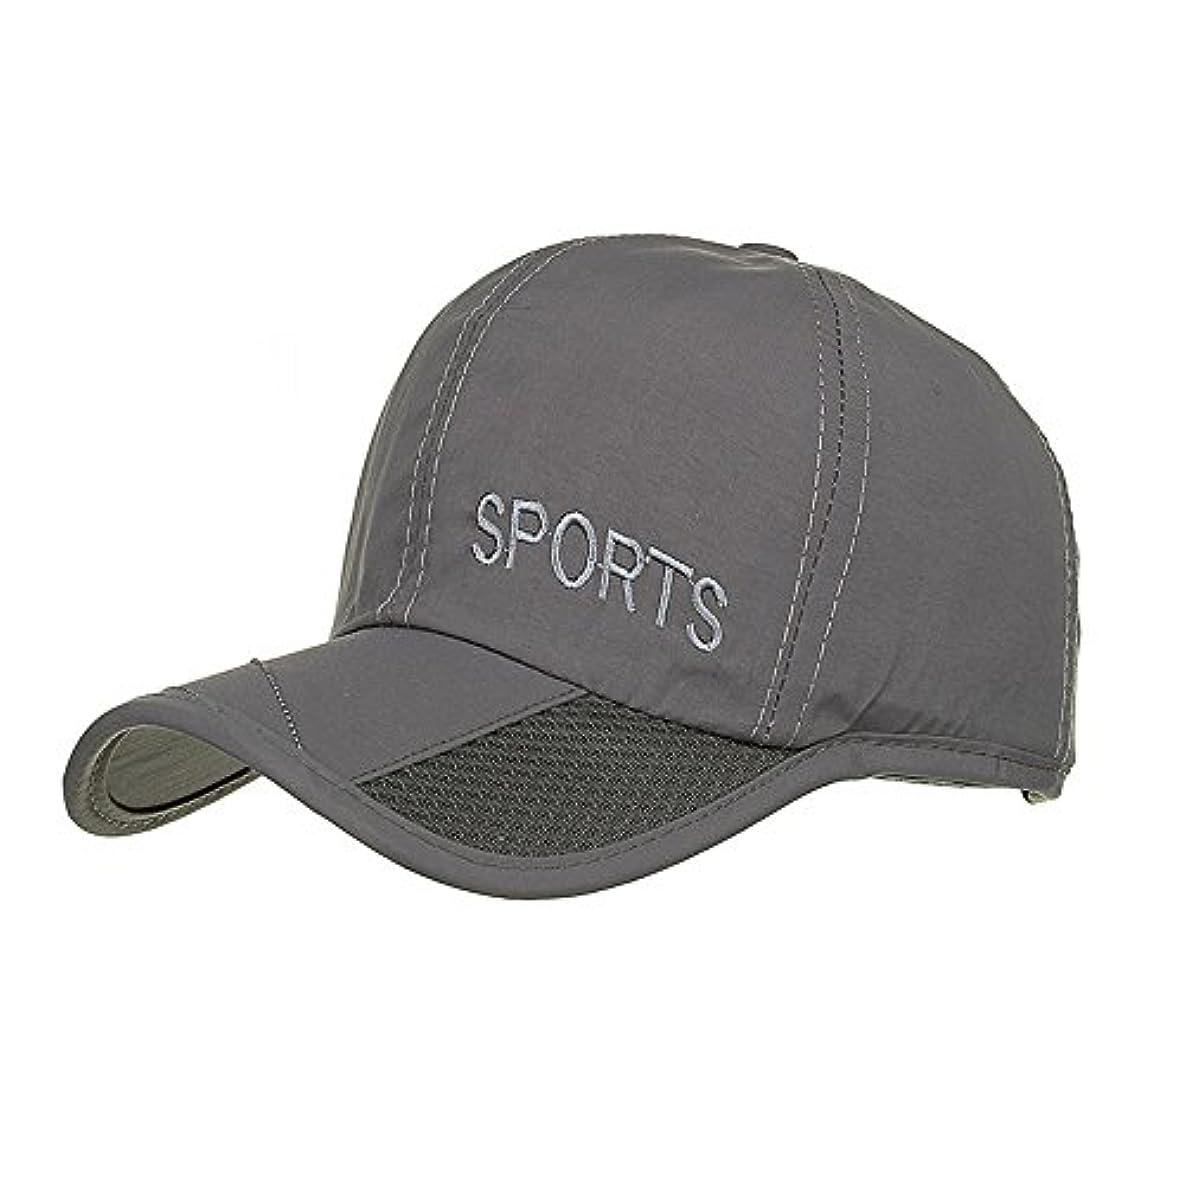 同意する丈夫やむを得ないRacazing Cap 男女兼用 野球帽 夏 登山 通気性のある メッシュ 帽子 ベルクロ 可調整可能 刺繍 棒球帽 UV 帽子 軽量 屋外 Unisex Hat (グレー)